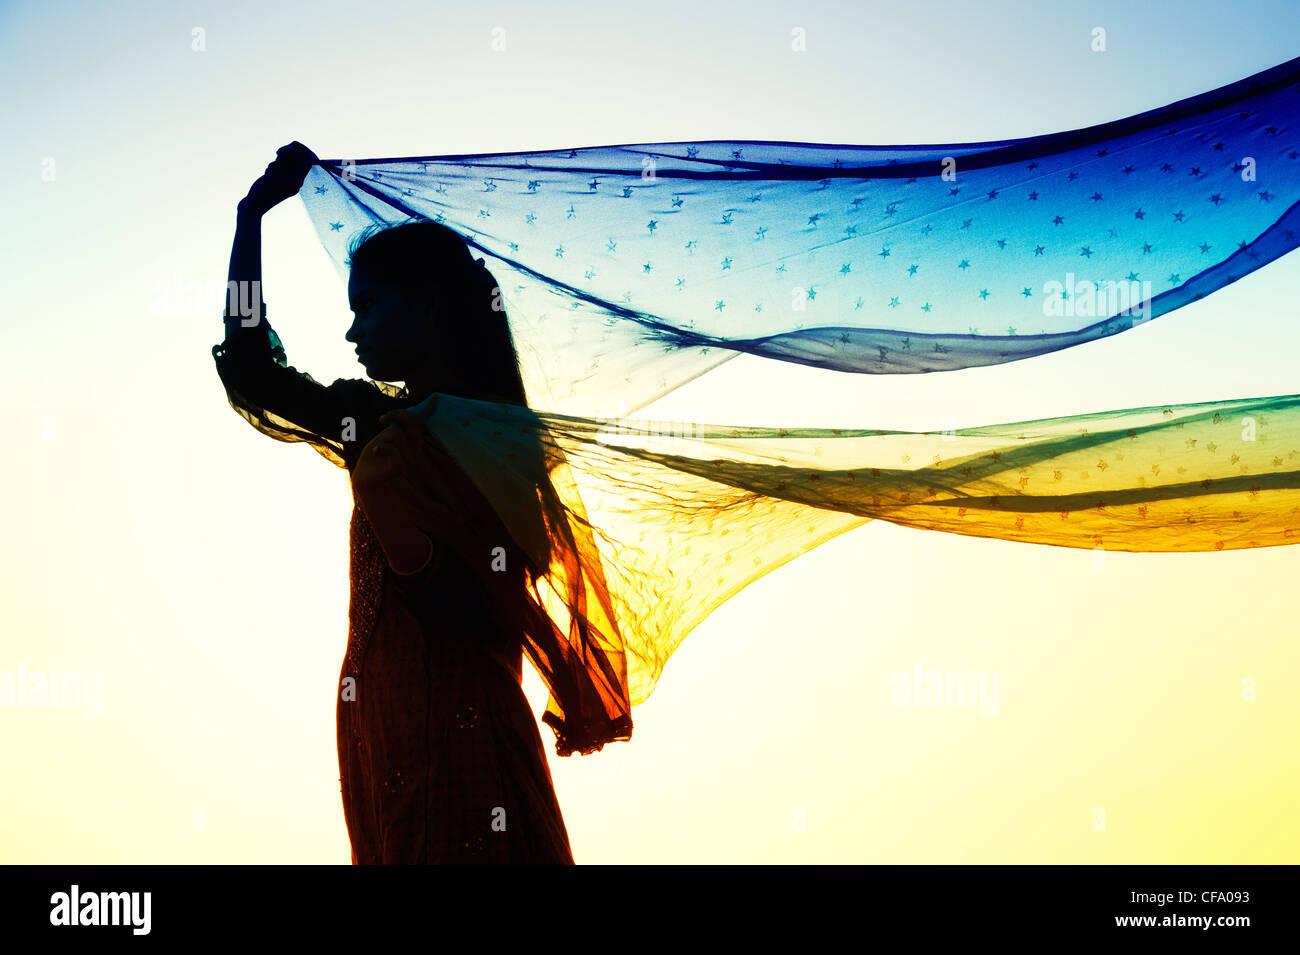 Niña India con estrellas velos estampados en el viento. Silueta Foto de stock